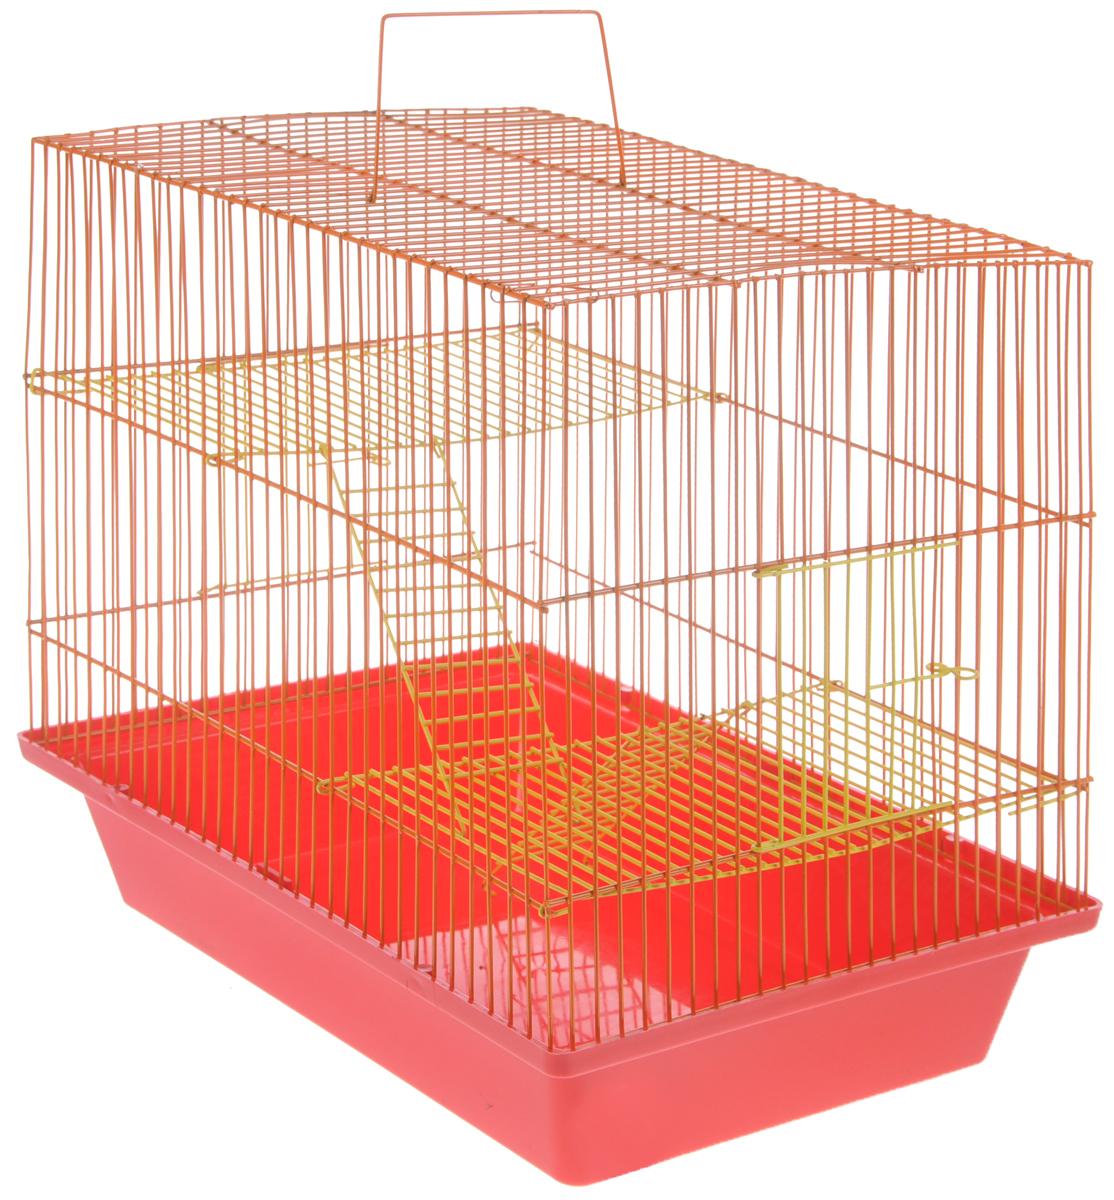 Клетка для грызунов ЗооМарк Гризли, 3-этажная, цвет: красный поддон, оранжевый решетка, желтые этажи, 41 х 30 х 36 см. 230ж230жКОКлетка ЗооМарк Гризли, выполненная из полипропилена и металла, подходит для мелких грызунов. Изделие трехэтажное. Клетка имеет яркий поддон, удобна в использовании и легко чистится. Сверху имеется ручка для переноски.Такая клетка станет уединенным личным пространством и уютным домиком для маленького грызуна.